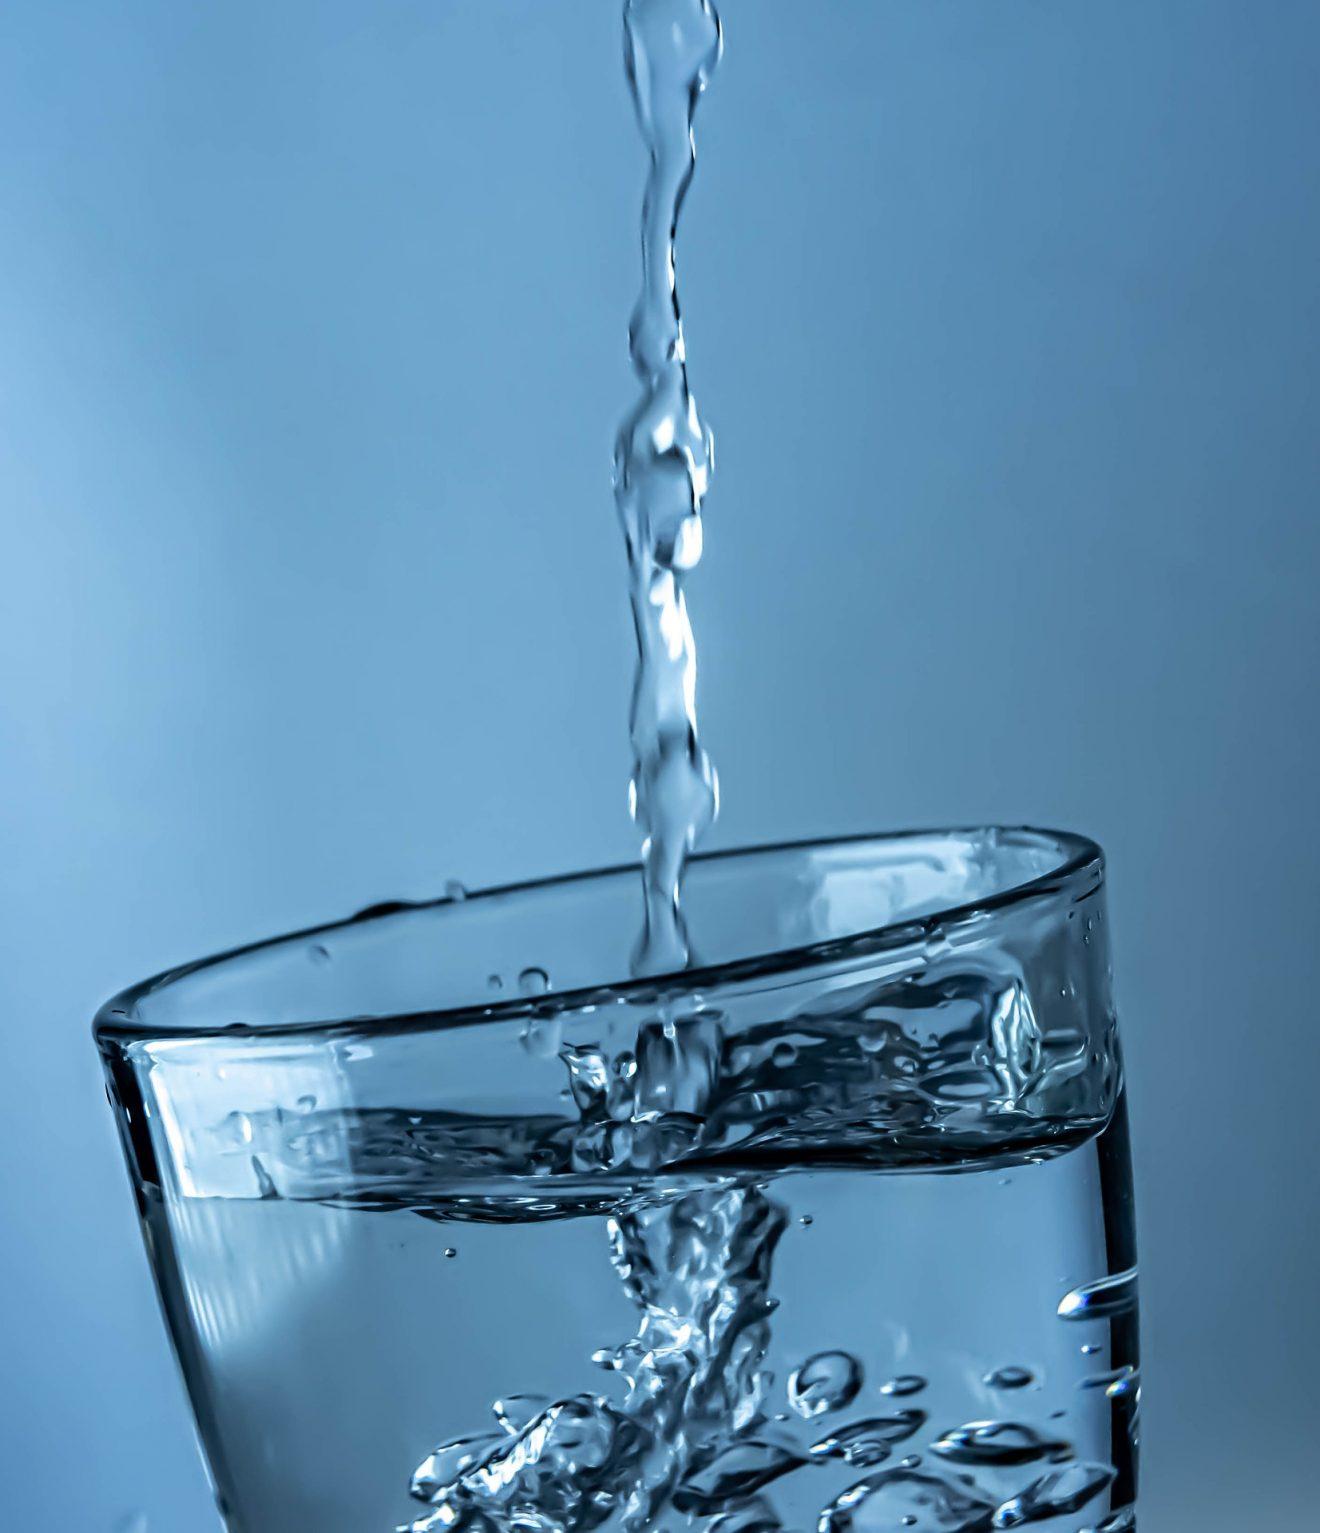 AöW-Pressemitteilung: Am 23. Juni ist Tag der Daseinsvorsorge: Die kommunale, öffentliche Wasserwirtschaft